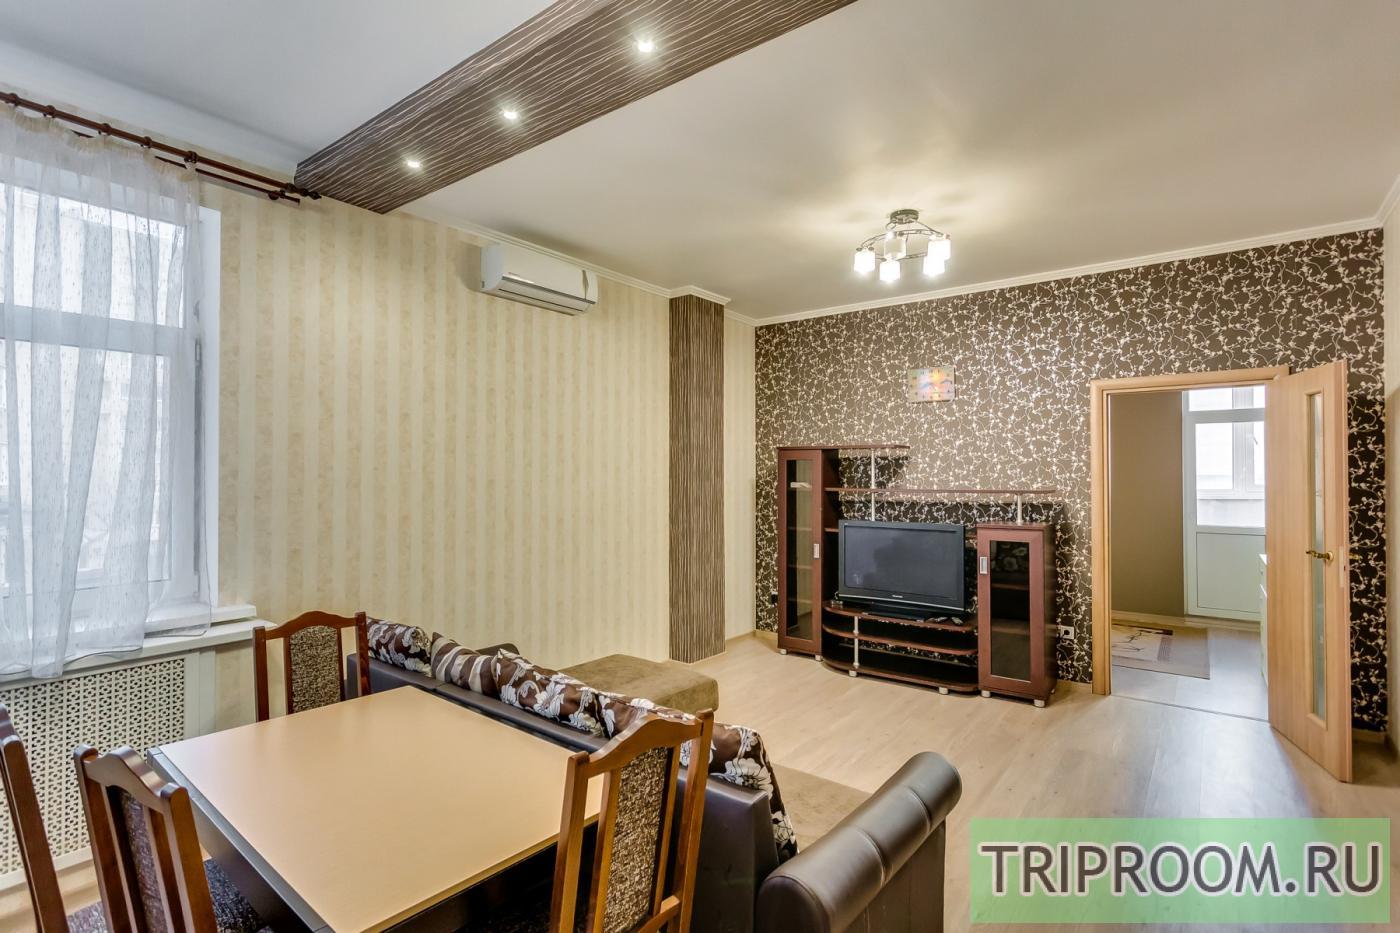 3-комнатная квартира посуточно (вариант № 23511), ул. Красноармейская улица, фото № 2